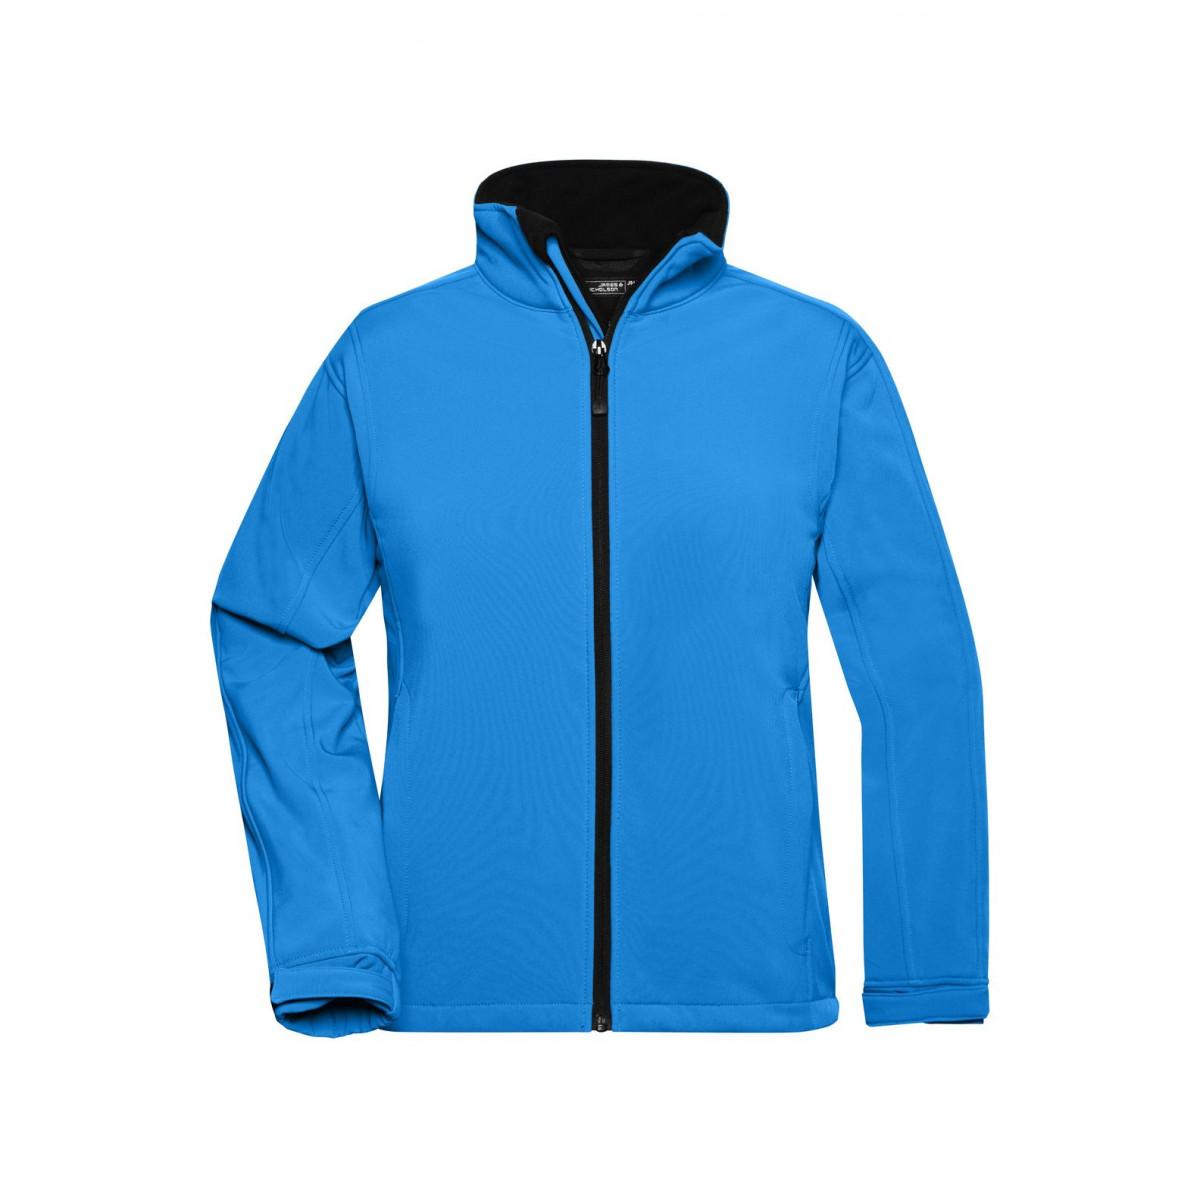 Куртка женская JN137 Ladies Softshell Jacket - Аква